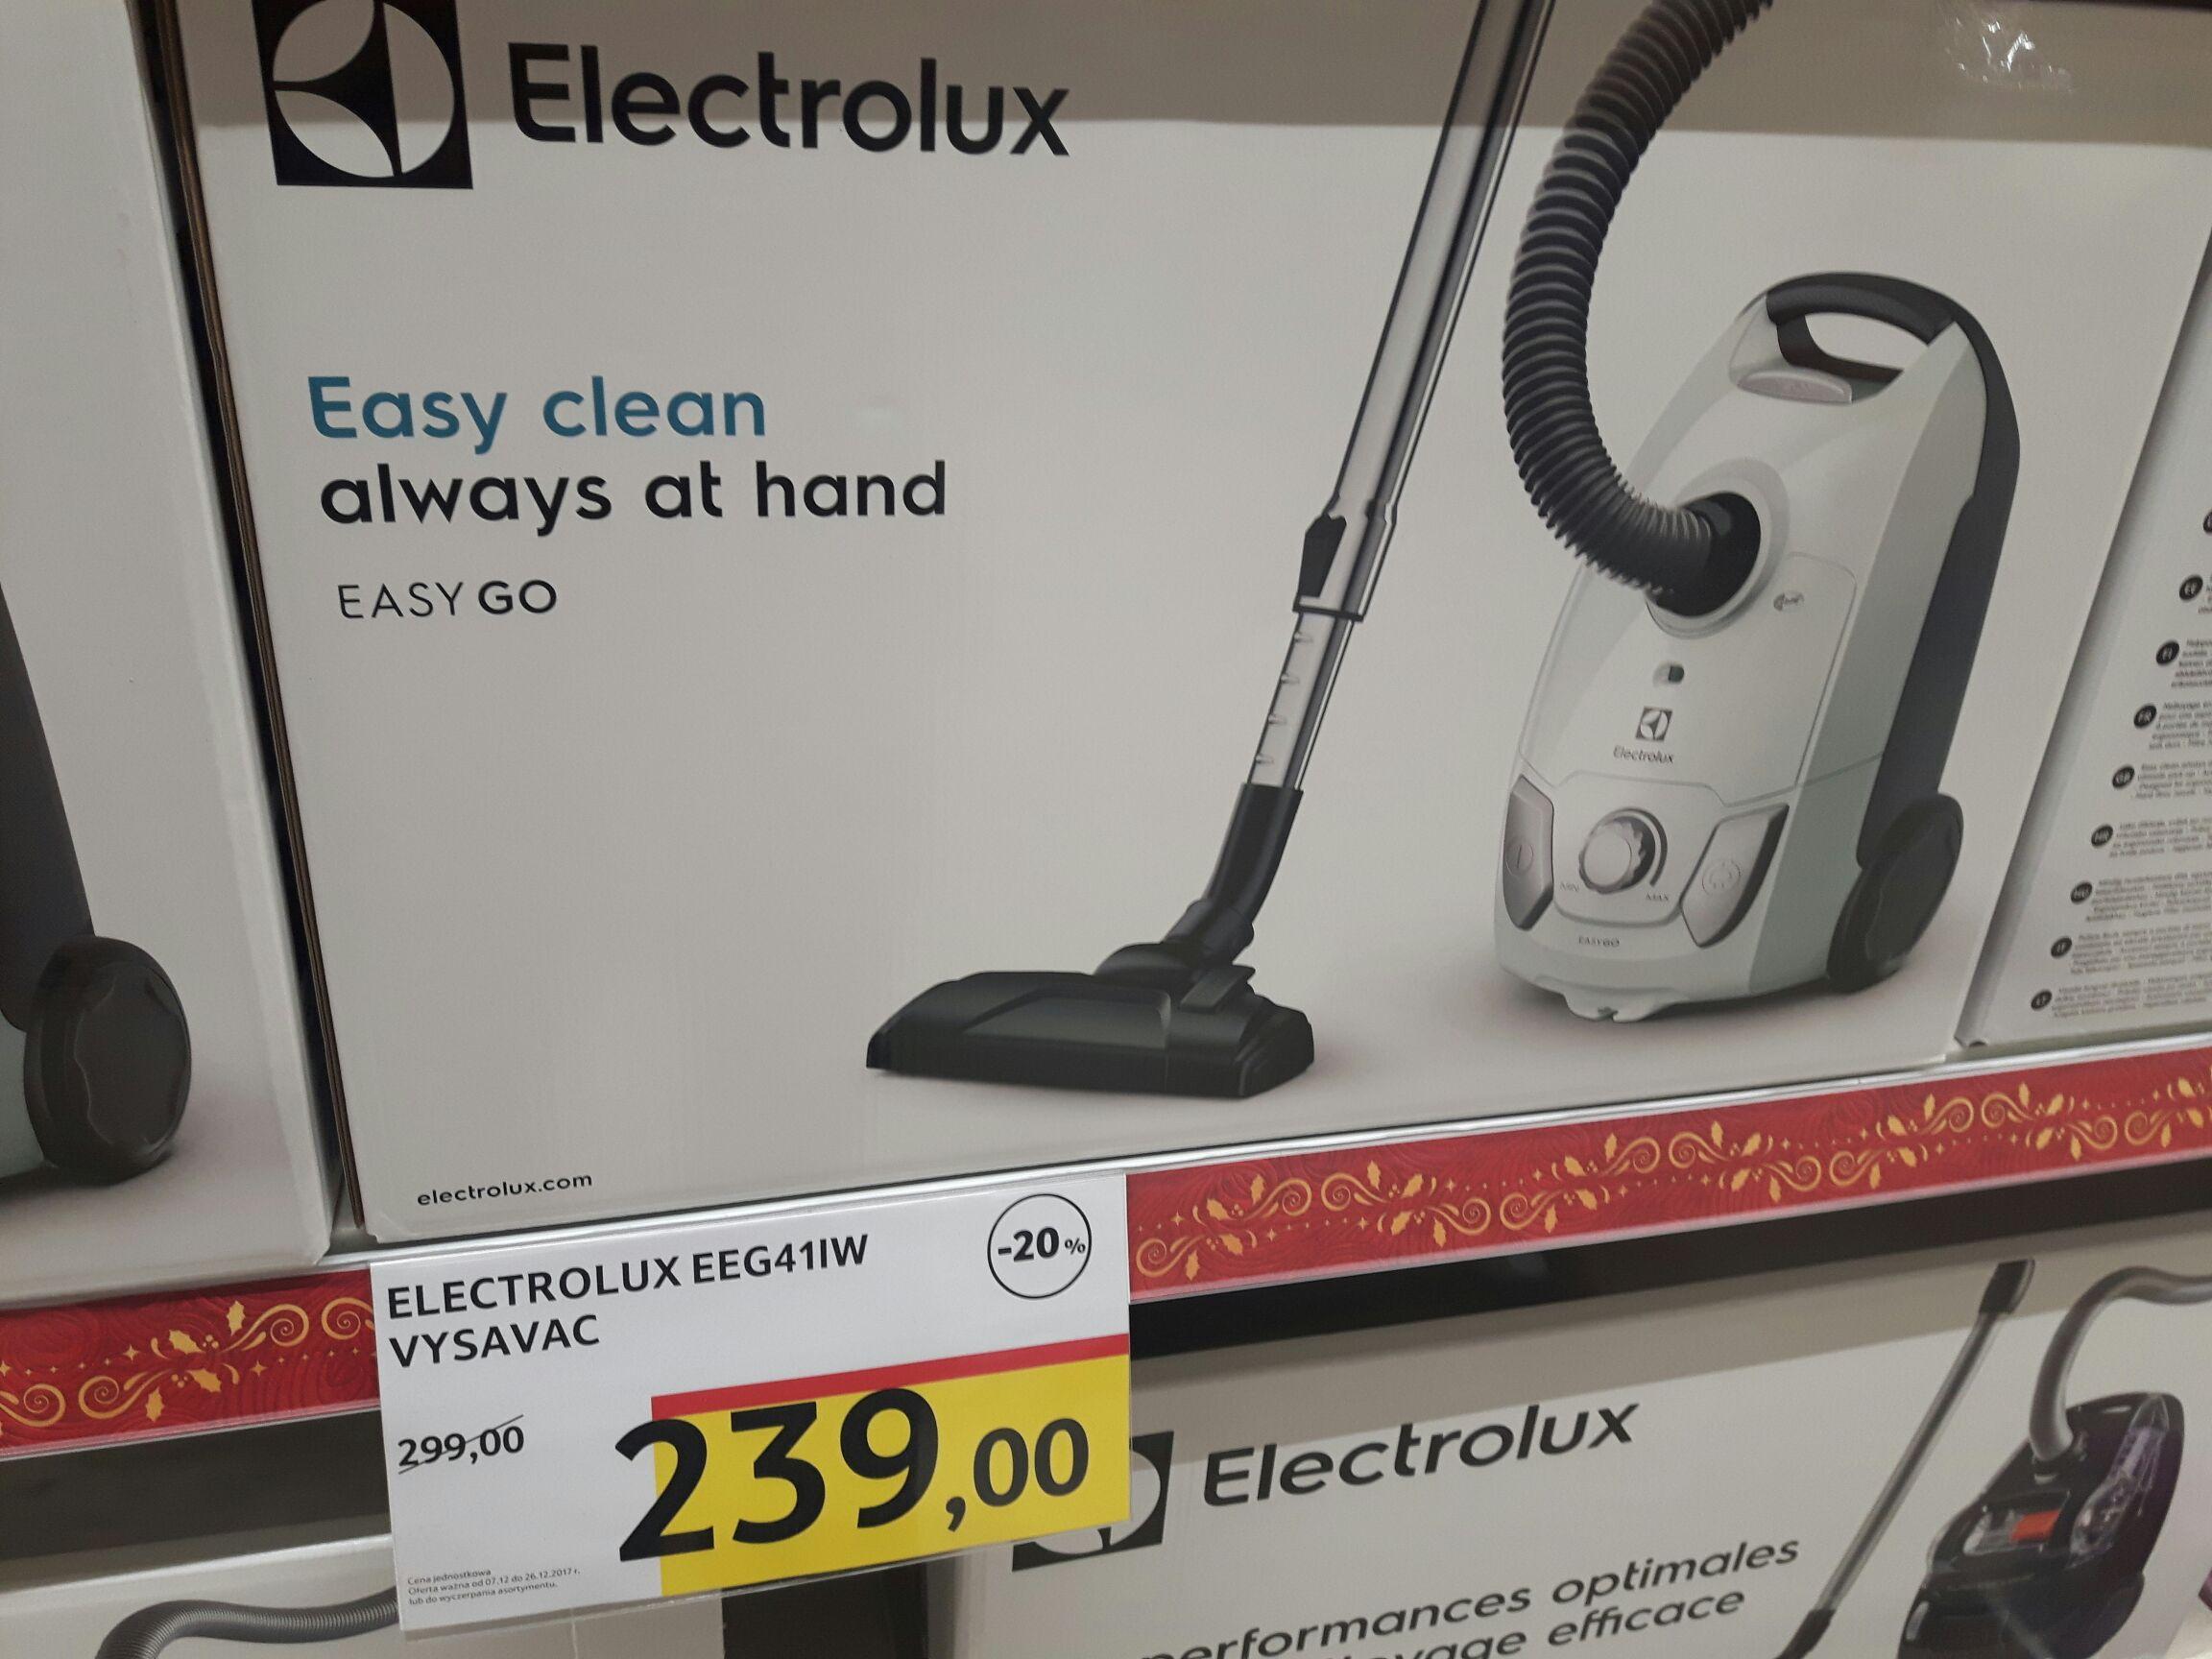 Odkurzacz Electrolux easy go 60zl taniej